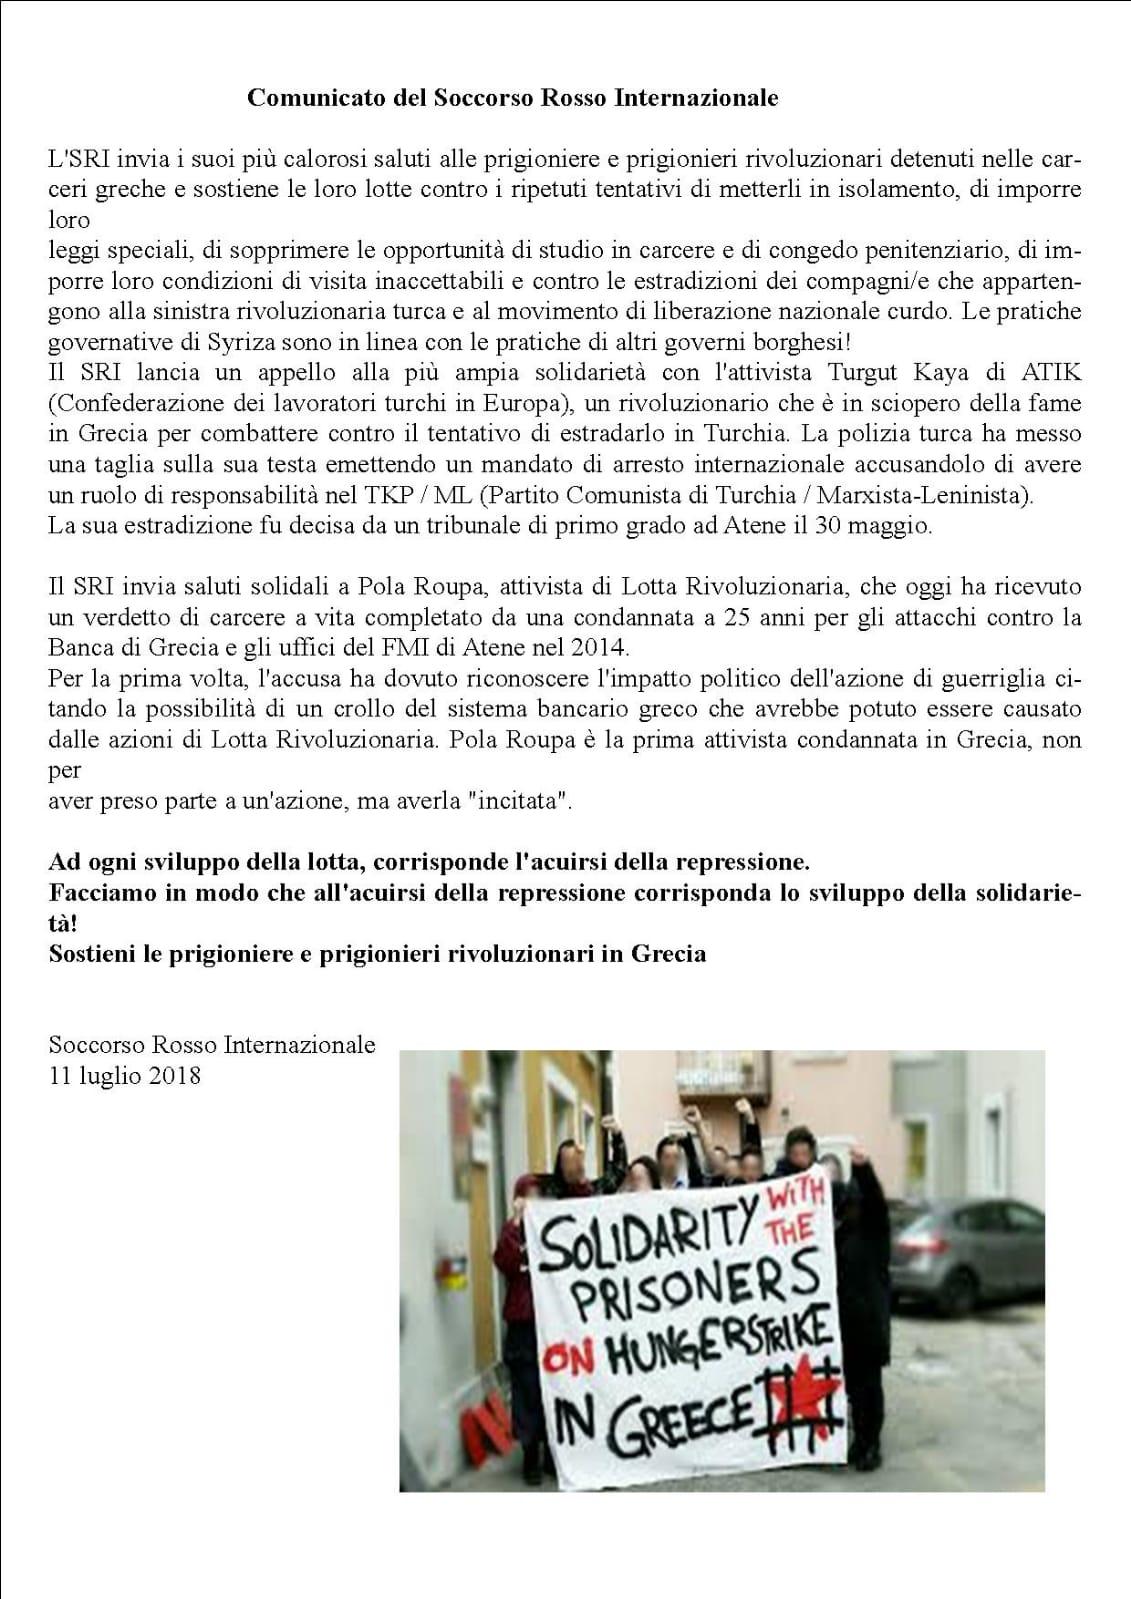 Comunicato SRI.jpg